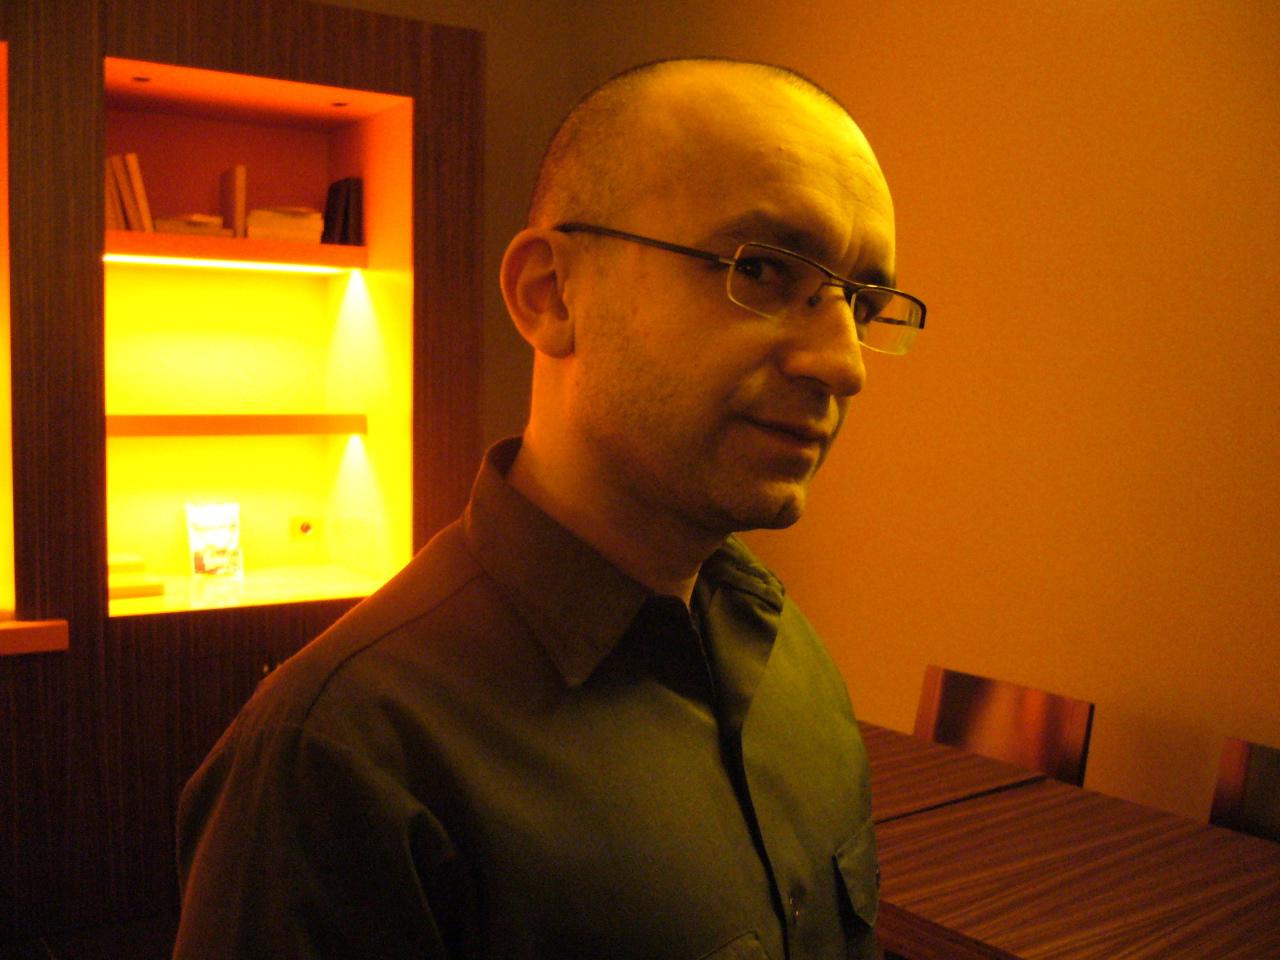 Eric Valette était à Strasbourg pour présenter son film, Une affaire d'état (sortie le 25 novembre 2009). Thriller politique autour de la françafrique, ... - eric-valette